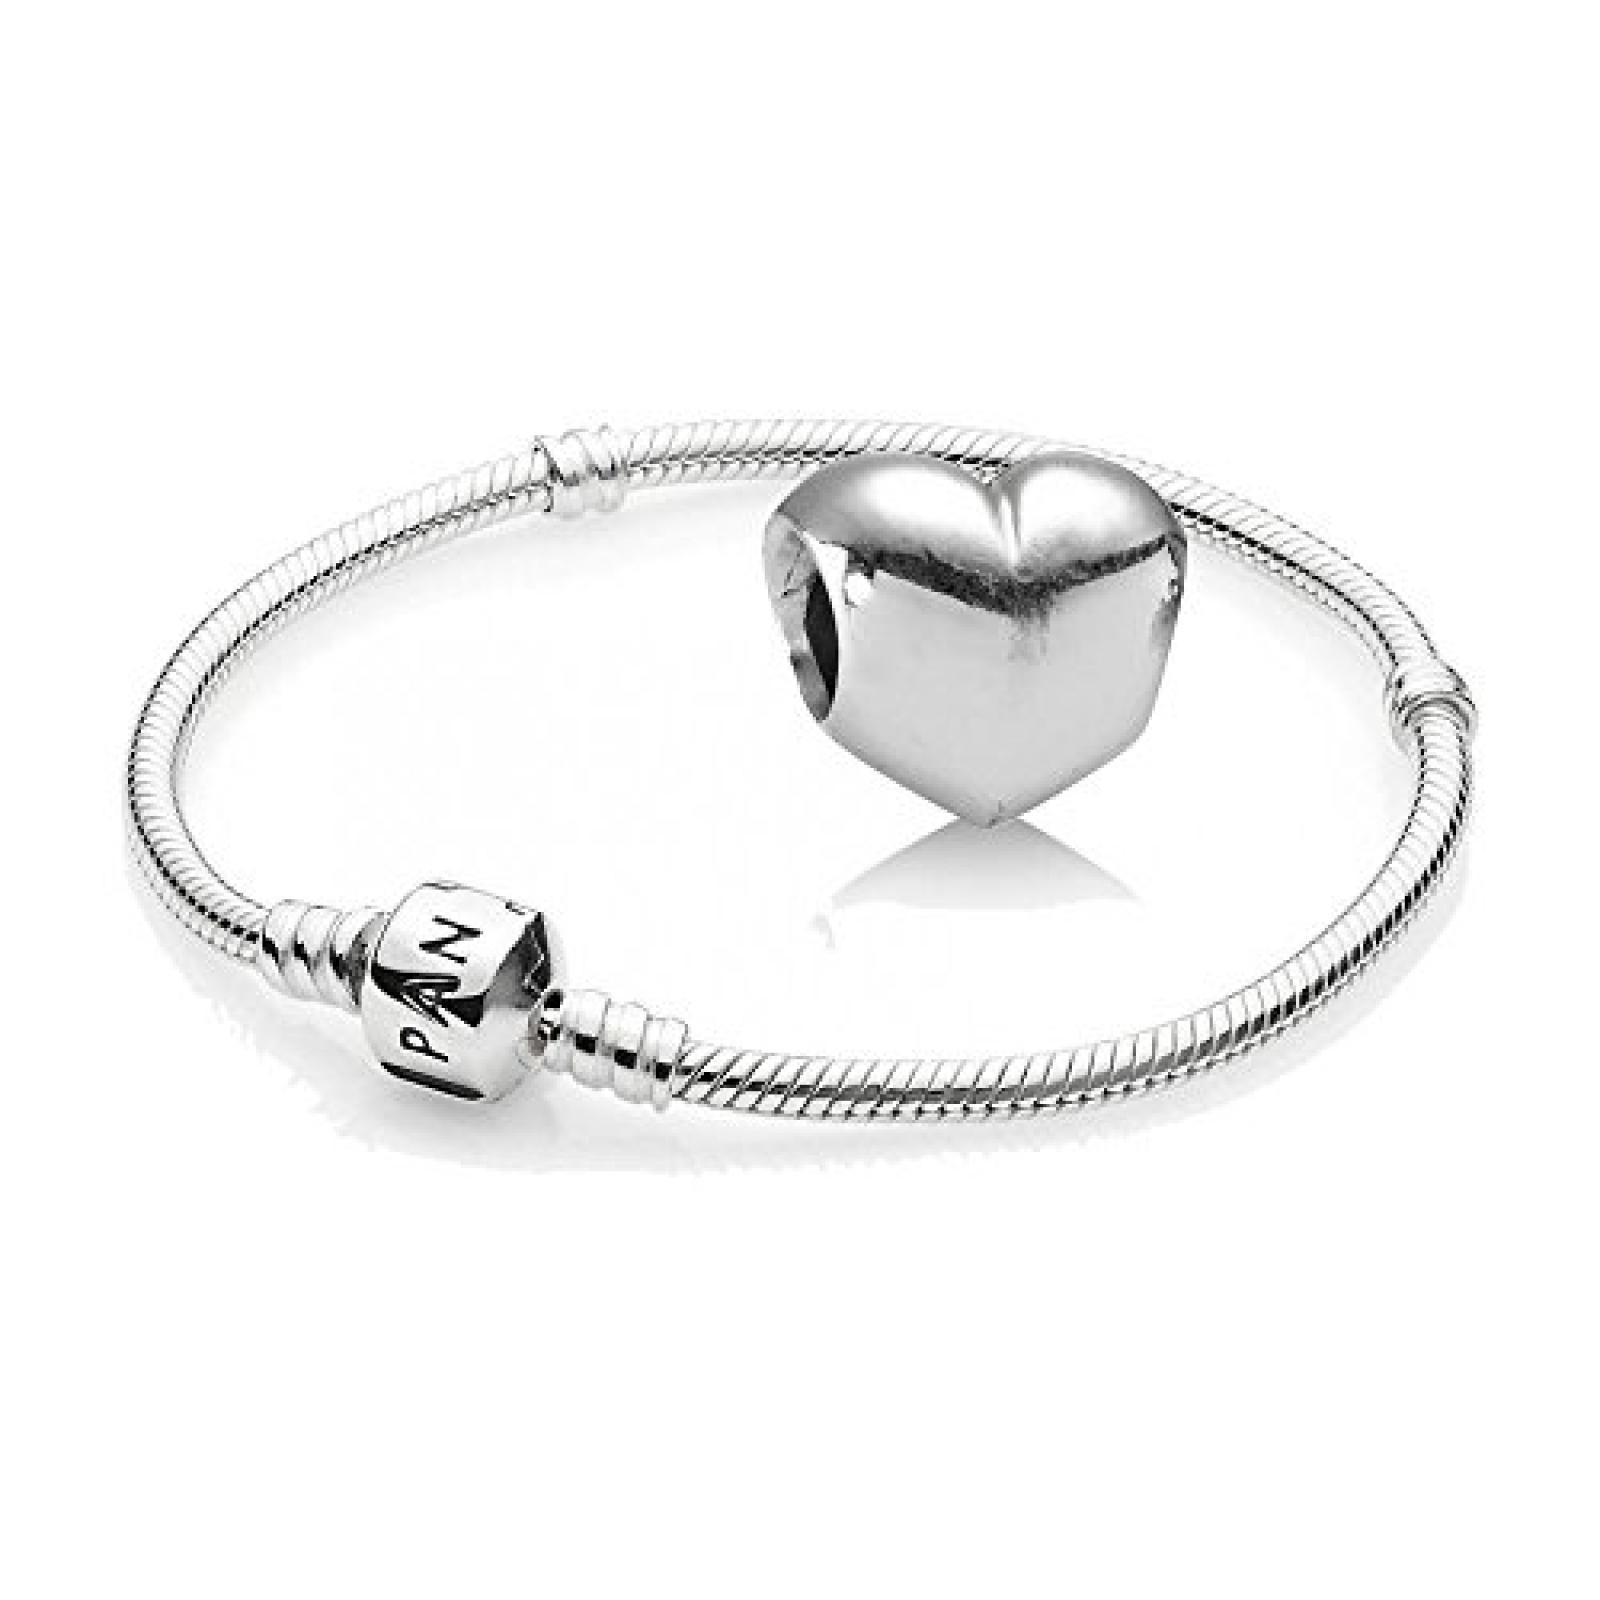 Original Pandora Geschenkset - 1 Silber Armband 590702HV und 1 Silber Element Glattes Herz 790137